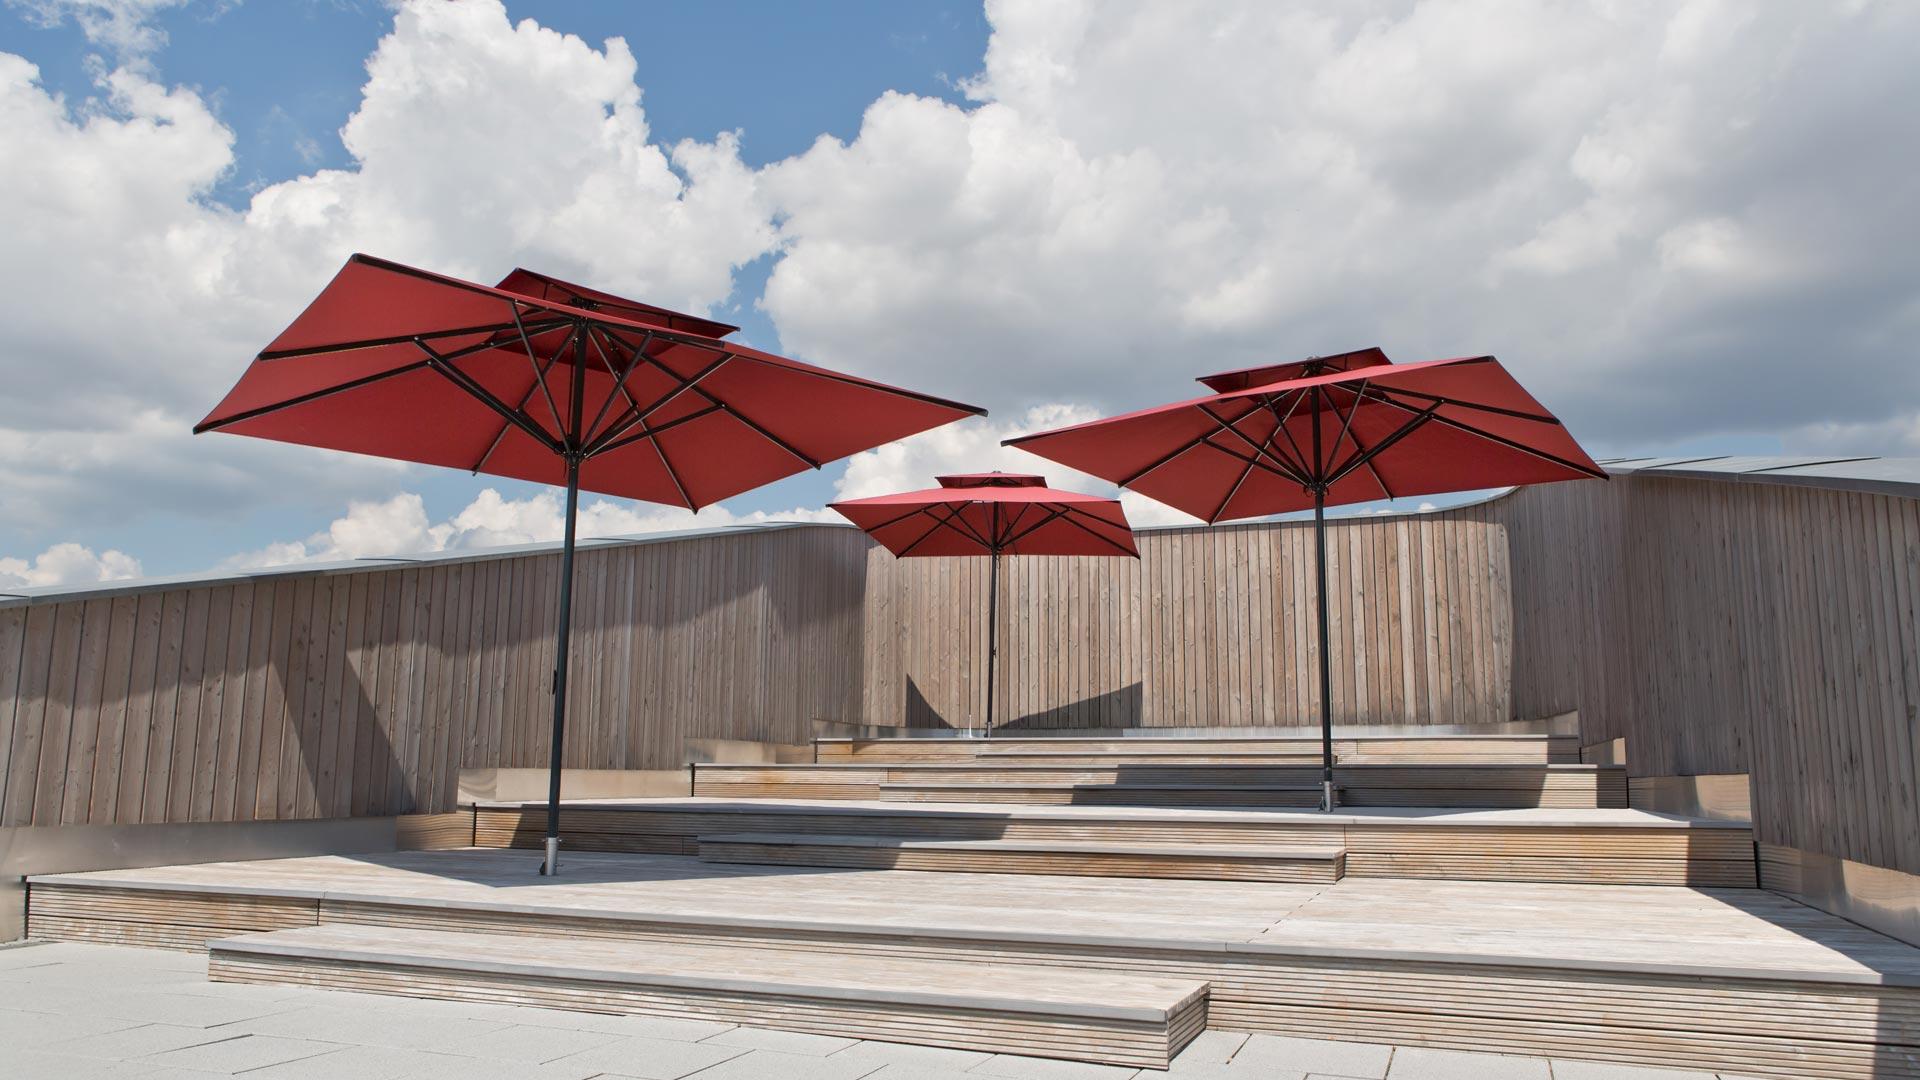 Caravita parasols